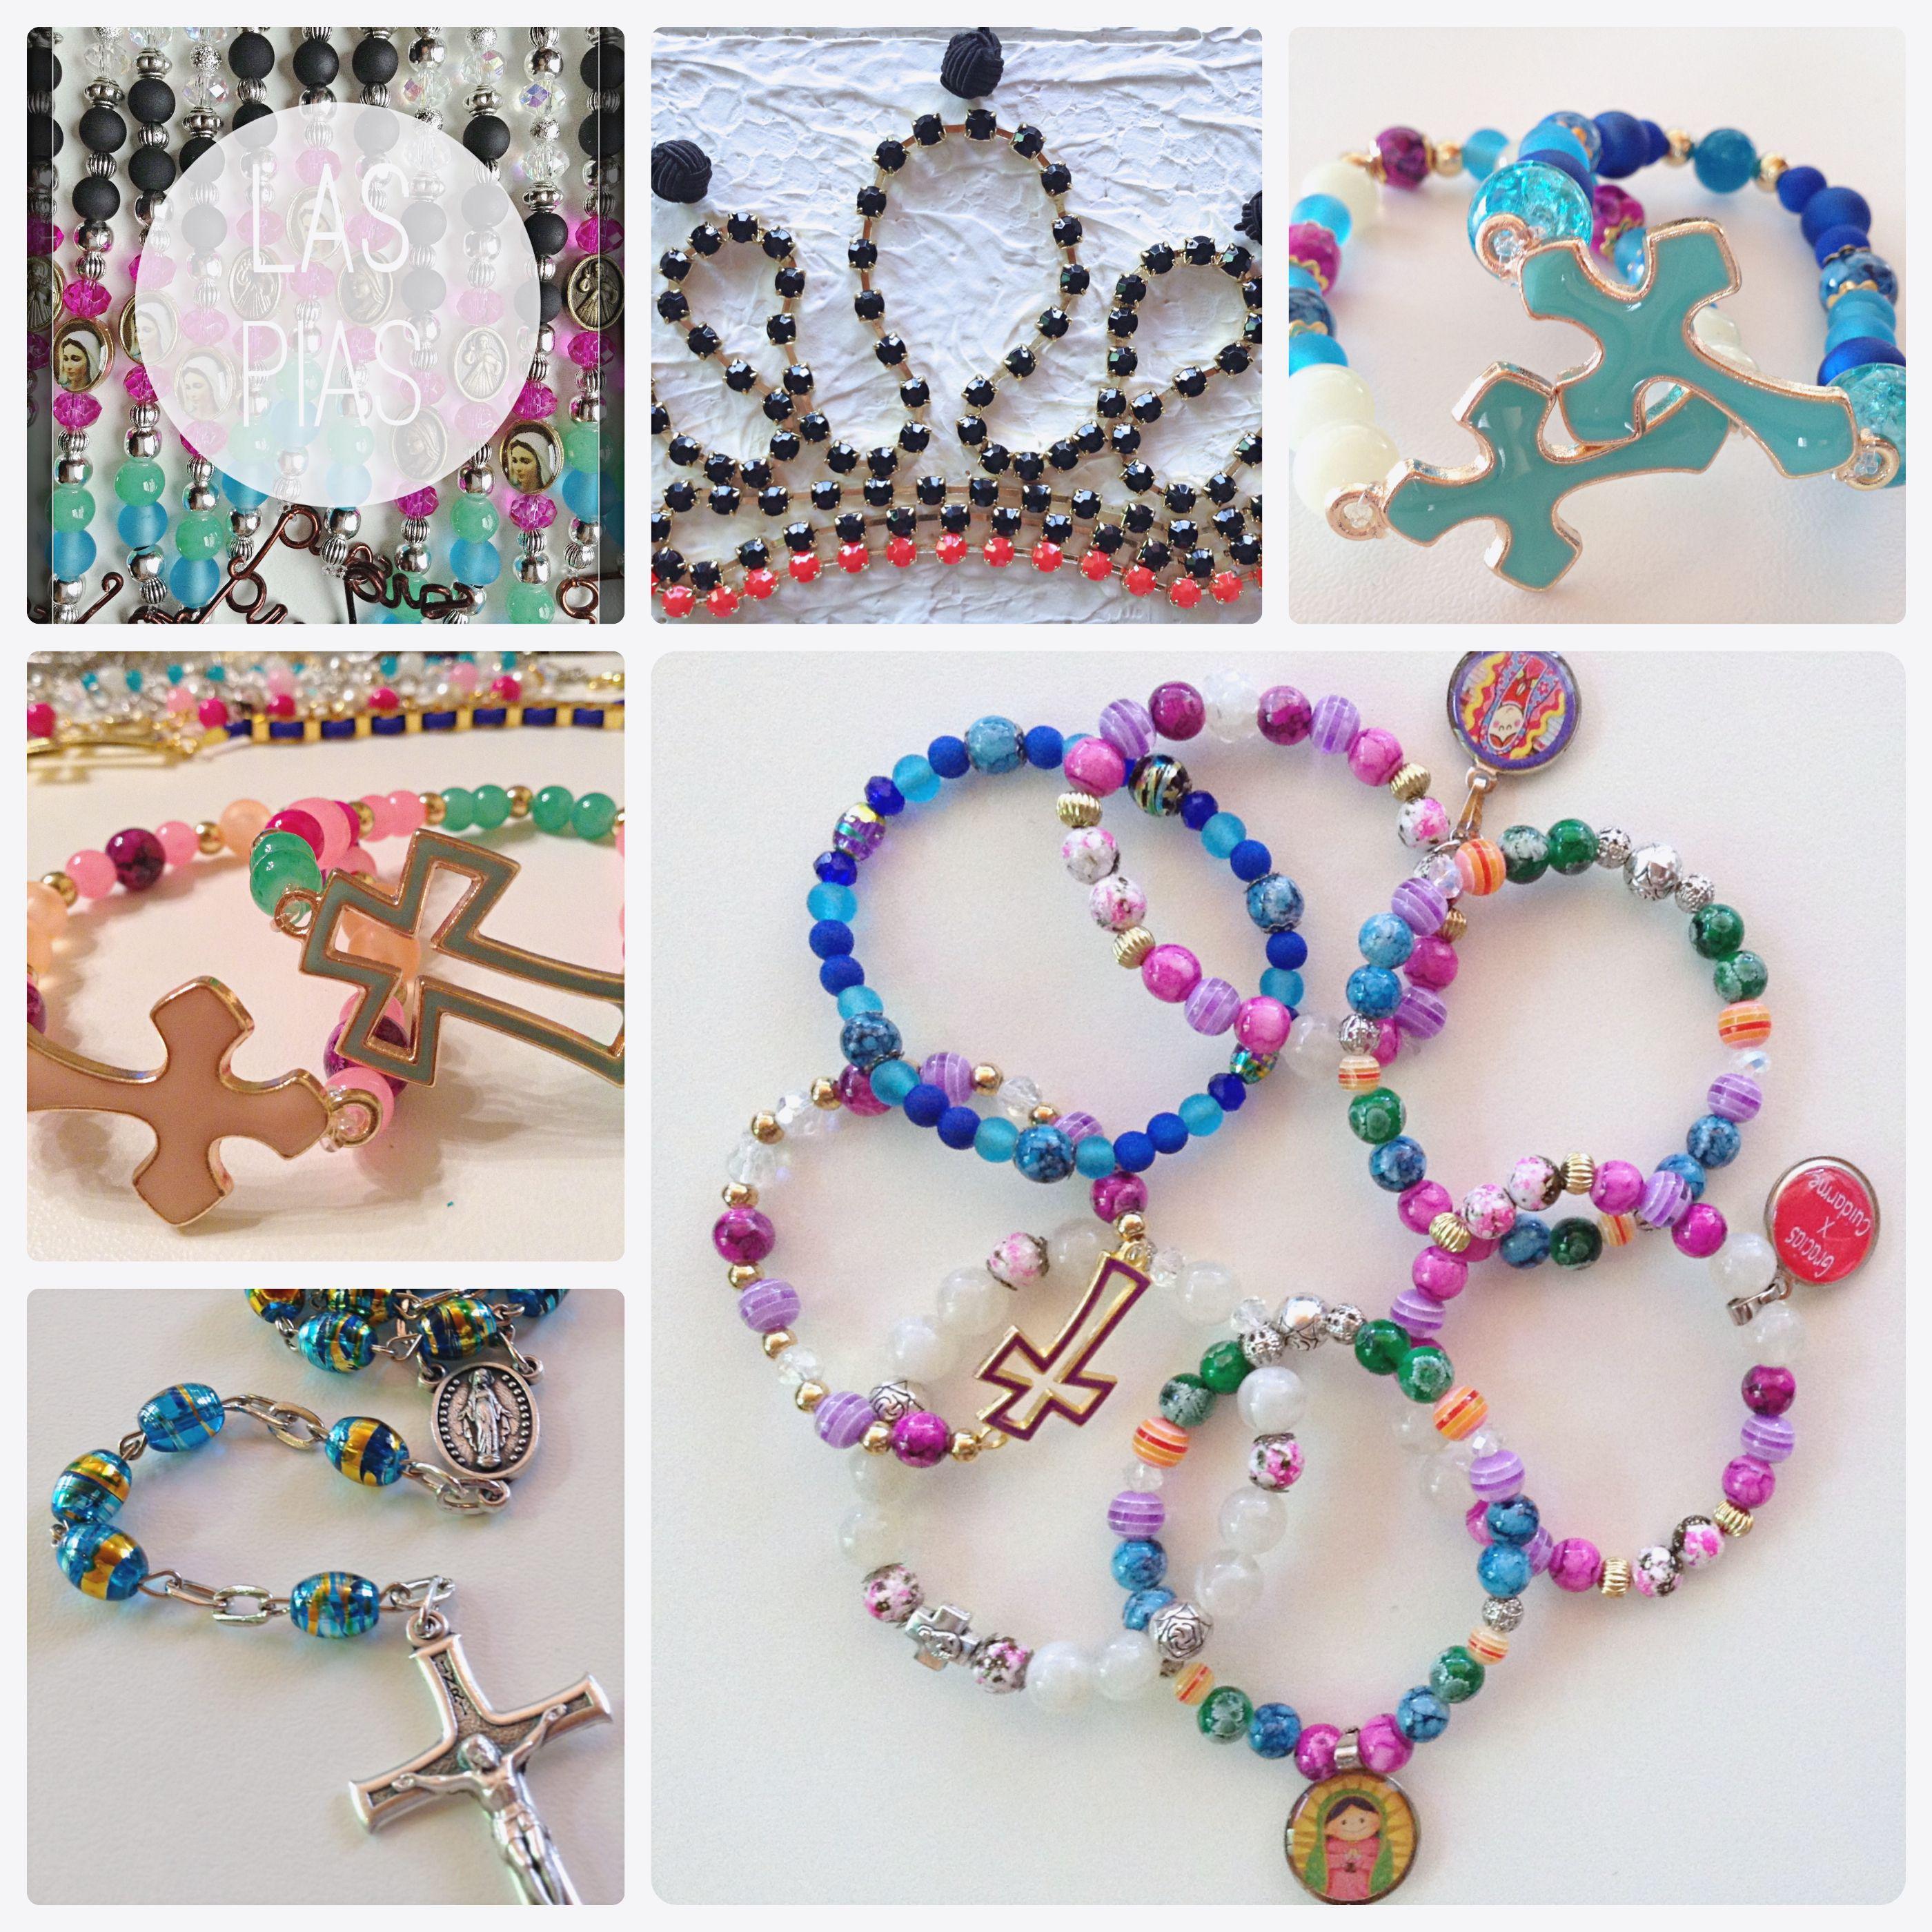 #Handmade #jewelry. Rosary  Bracelets. Variety of colors, pearls and cross shapes.   Joyería hecha a mano. Rosarios  Pulseras. Variedad de colores, perlas y formas de cruces.